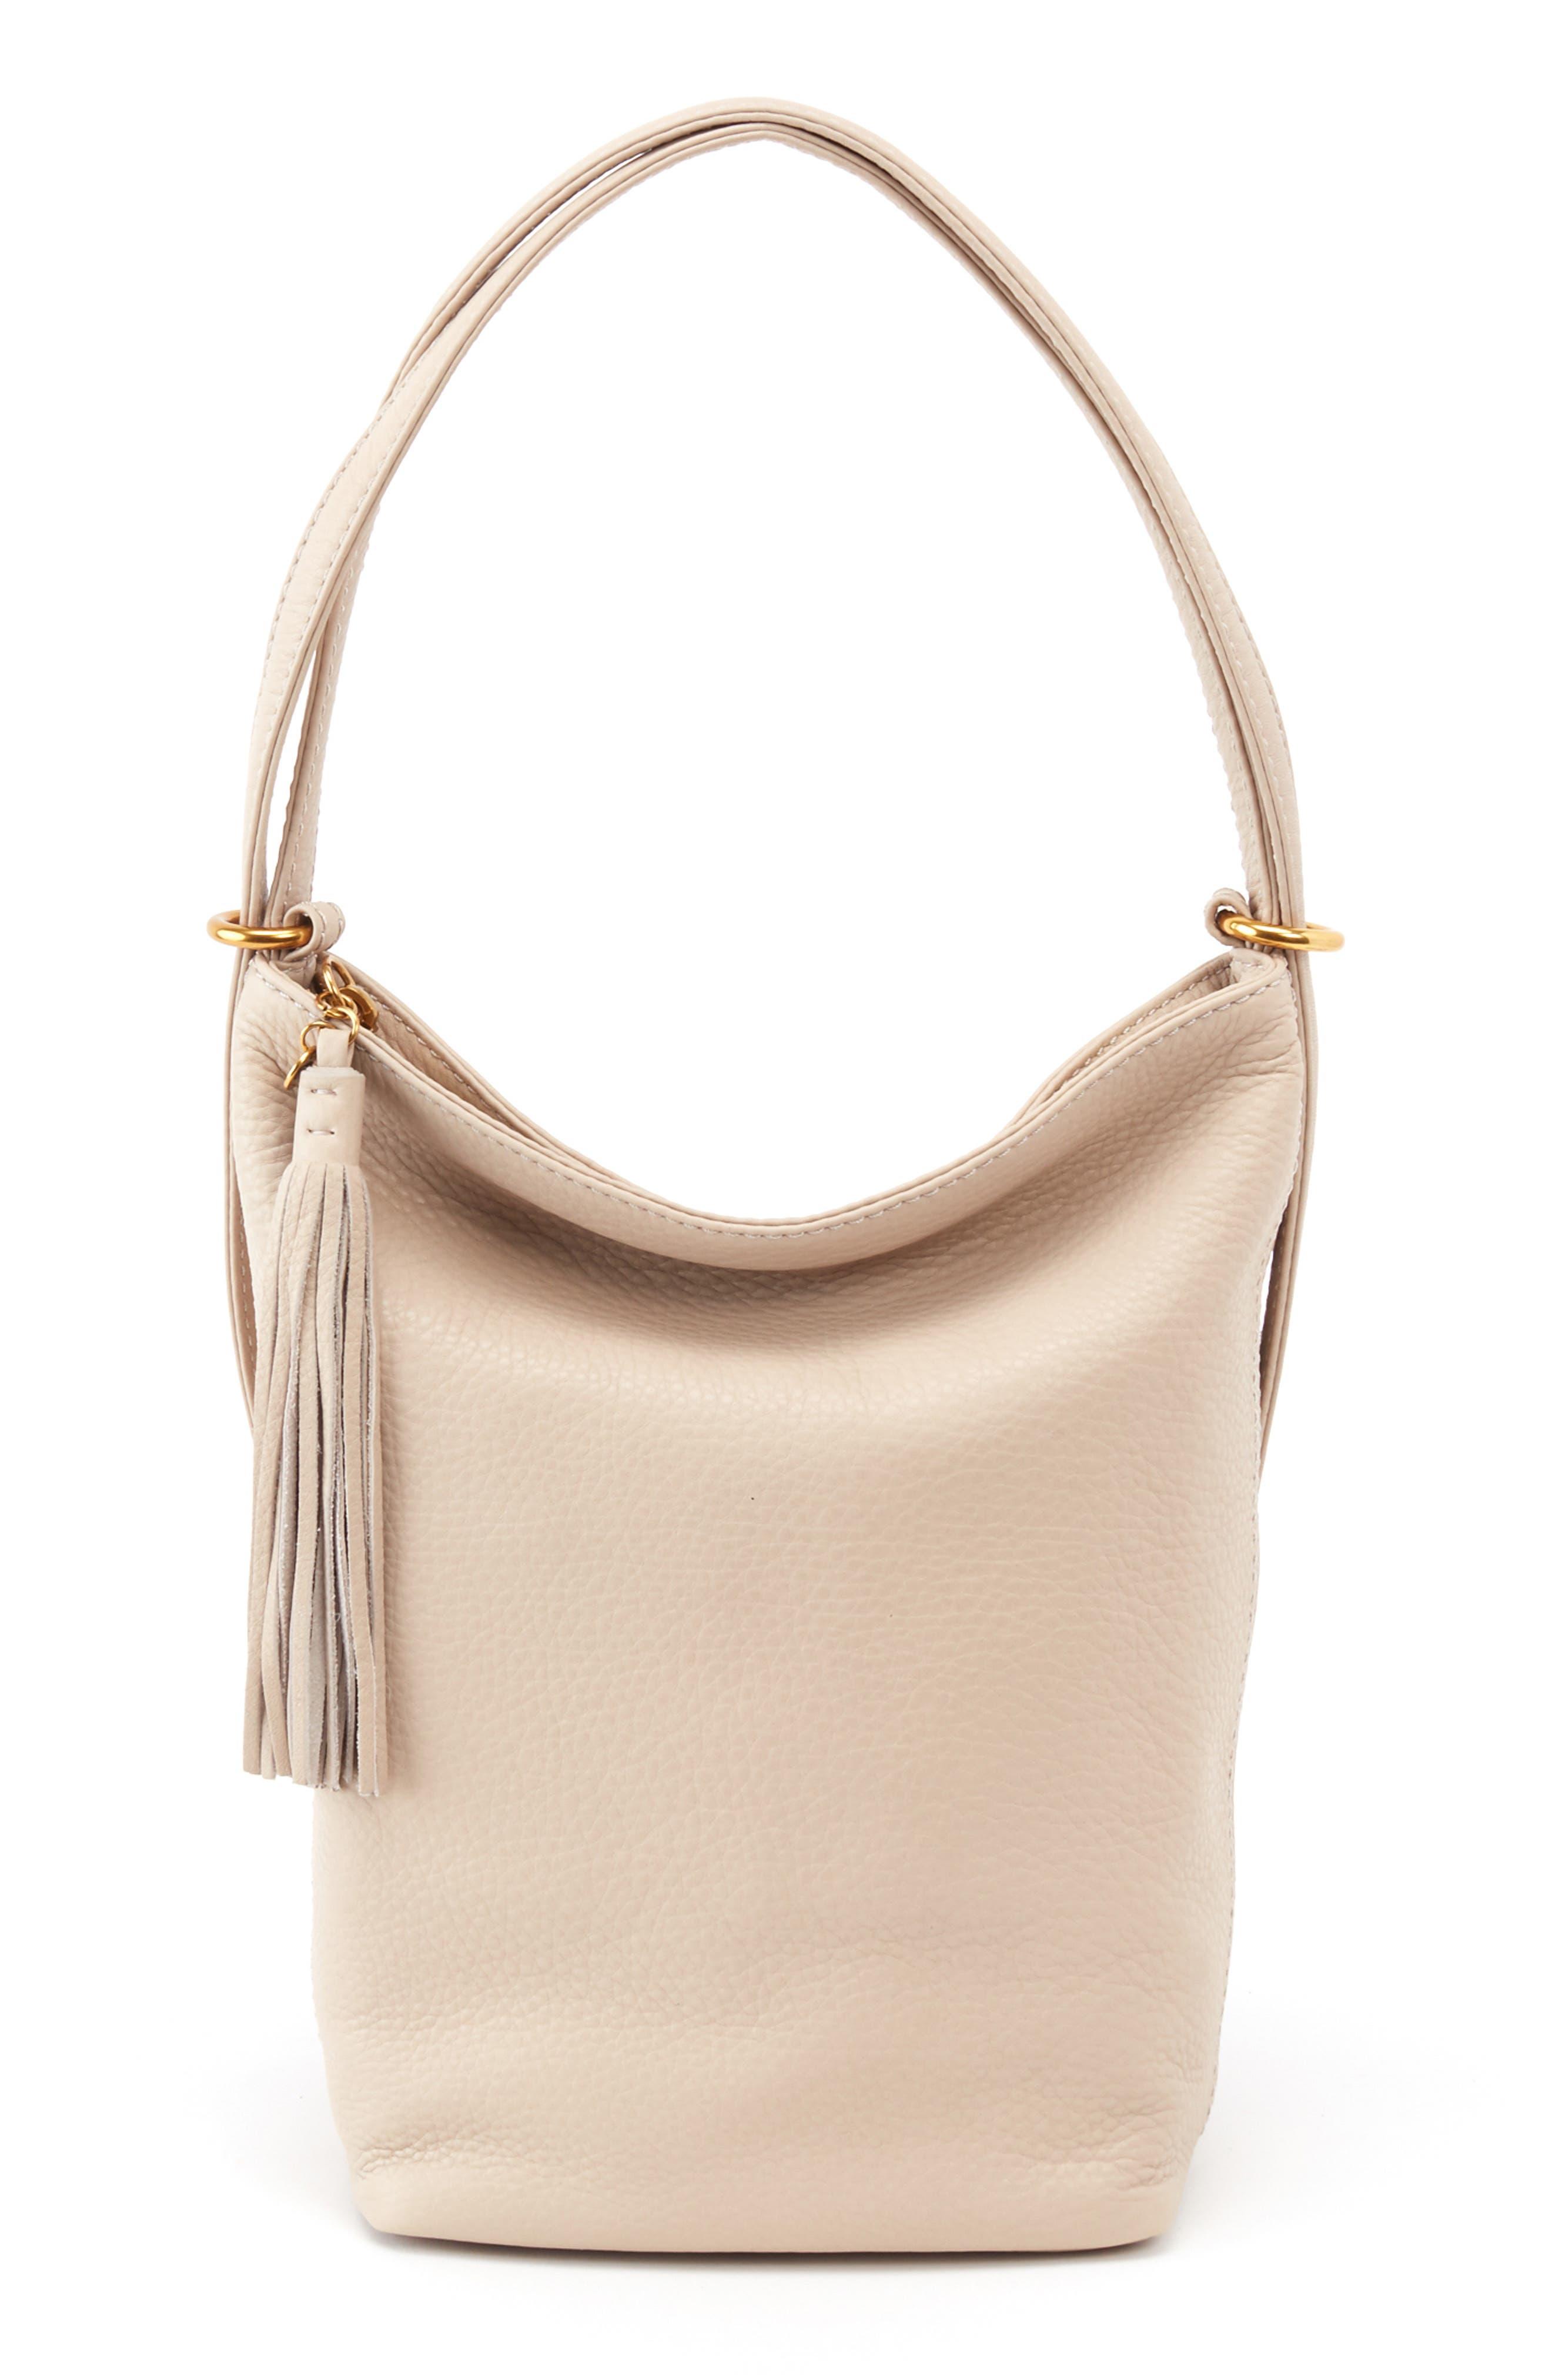 7fbe6cbbc Hobo Women's Bags